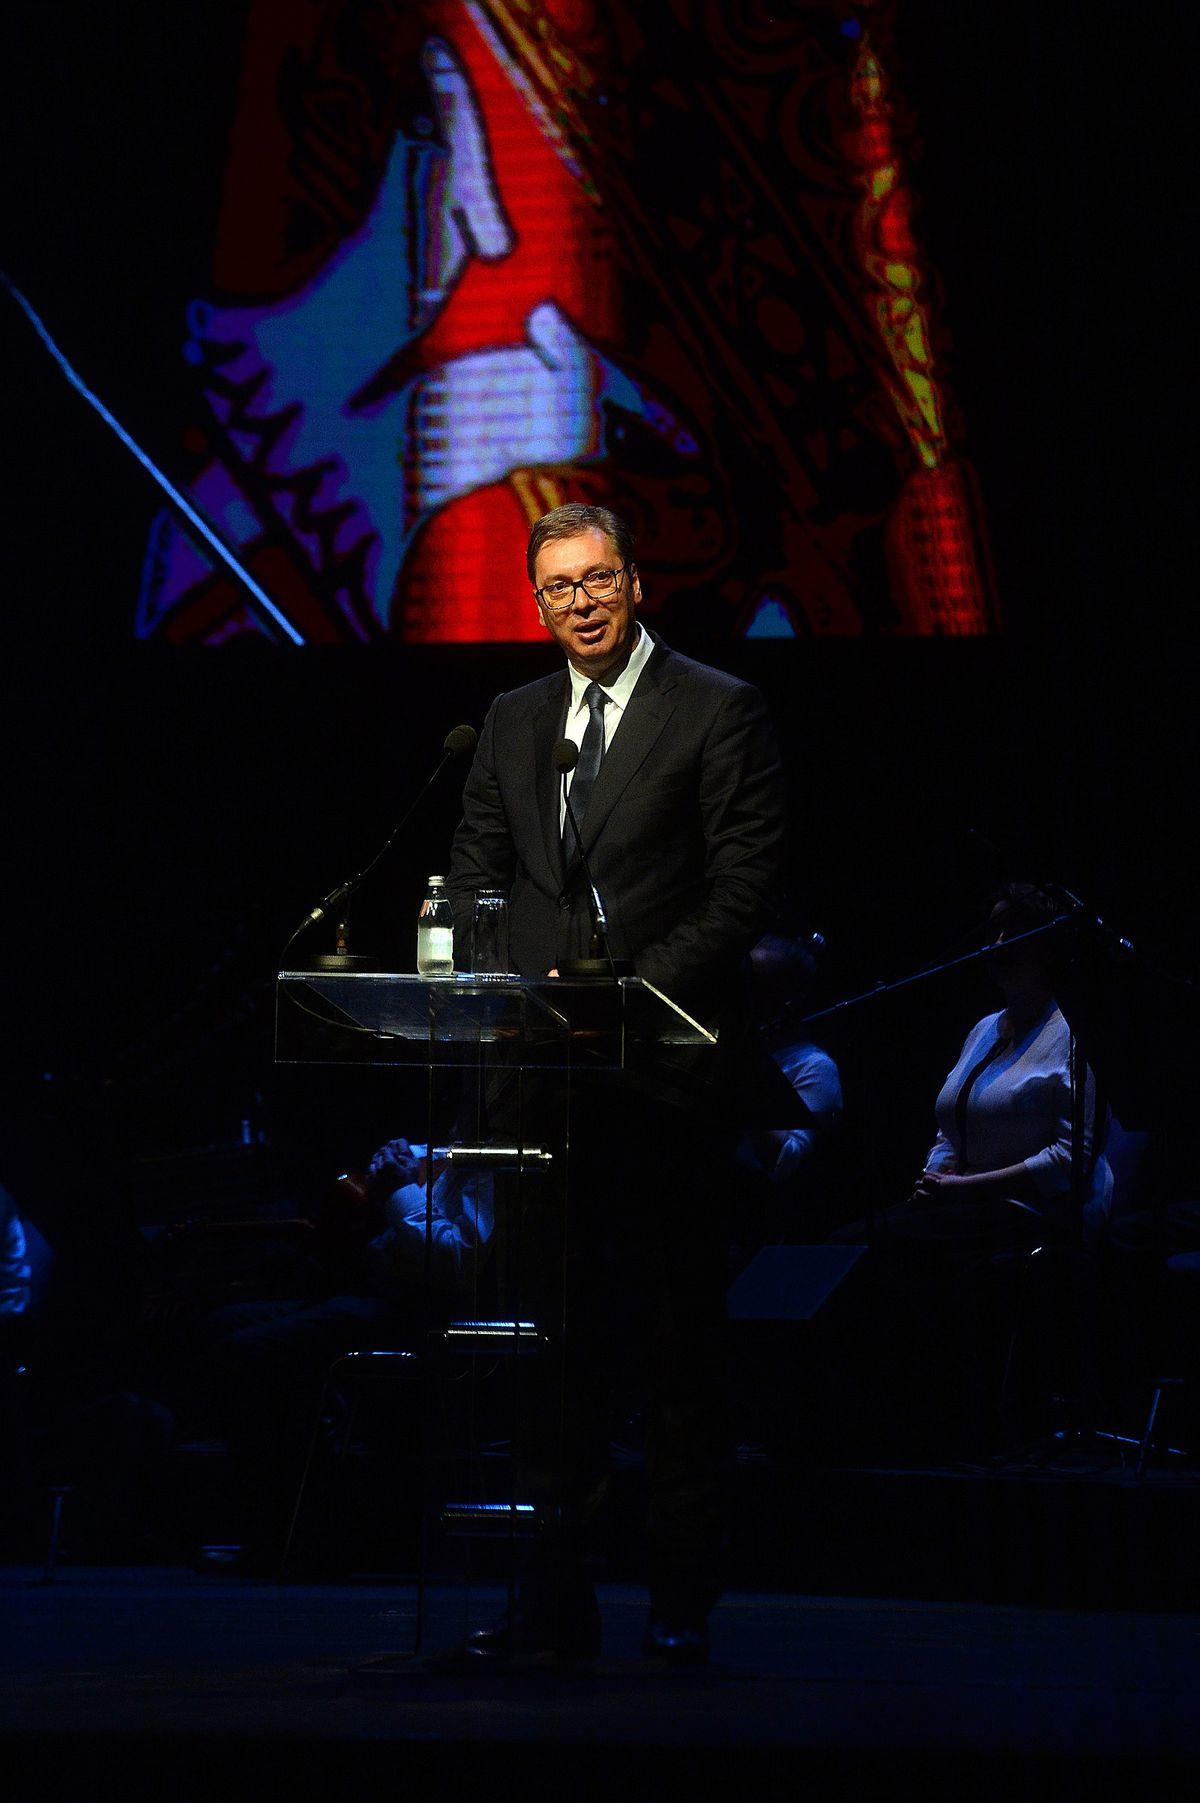 Predsednik Vučić prisustvovao je svečanoj akademiji povodom obeležavanja 20-godišnjice bitke na Košarama